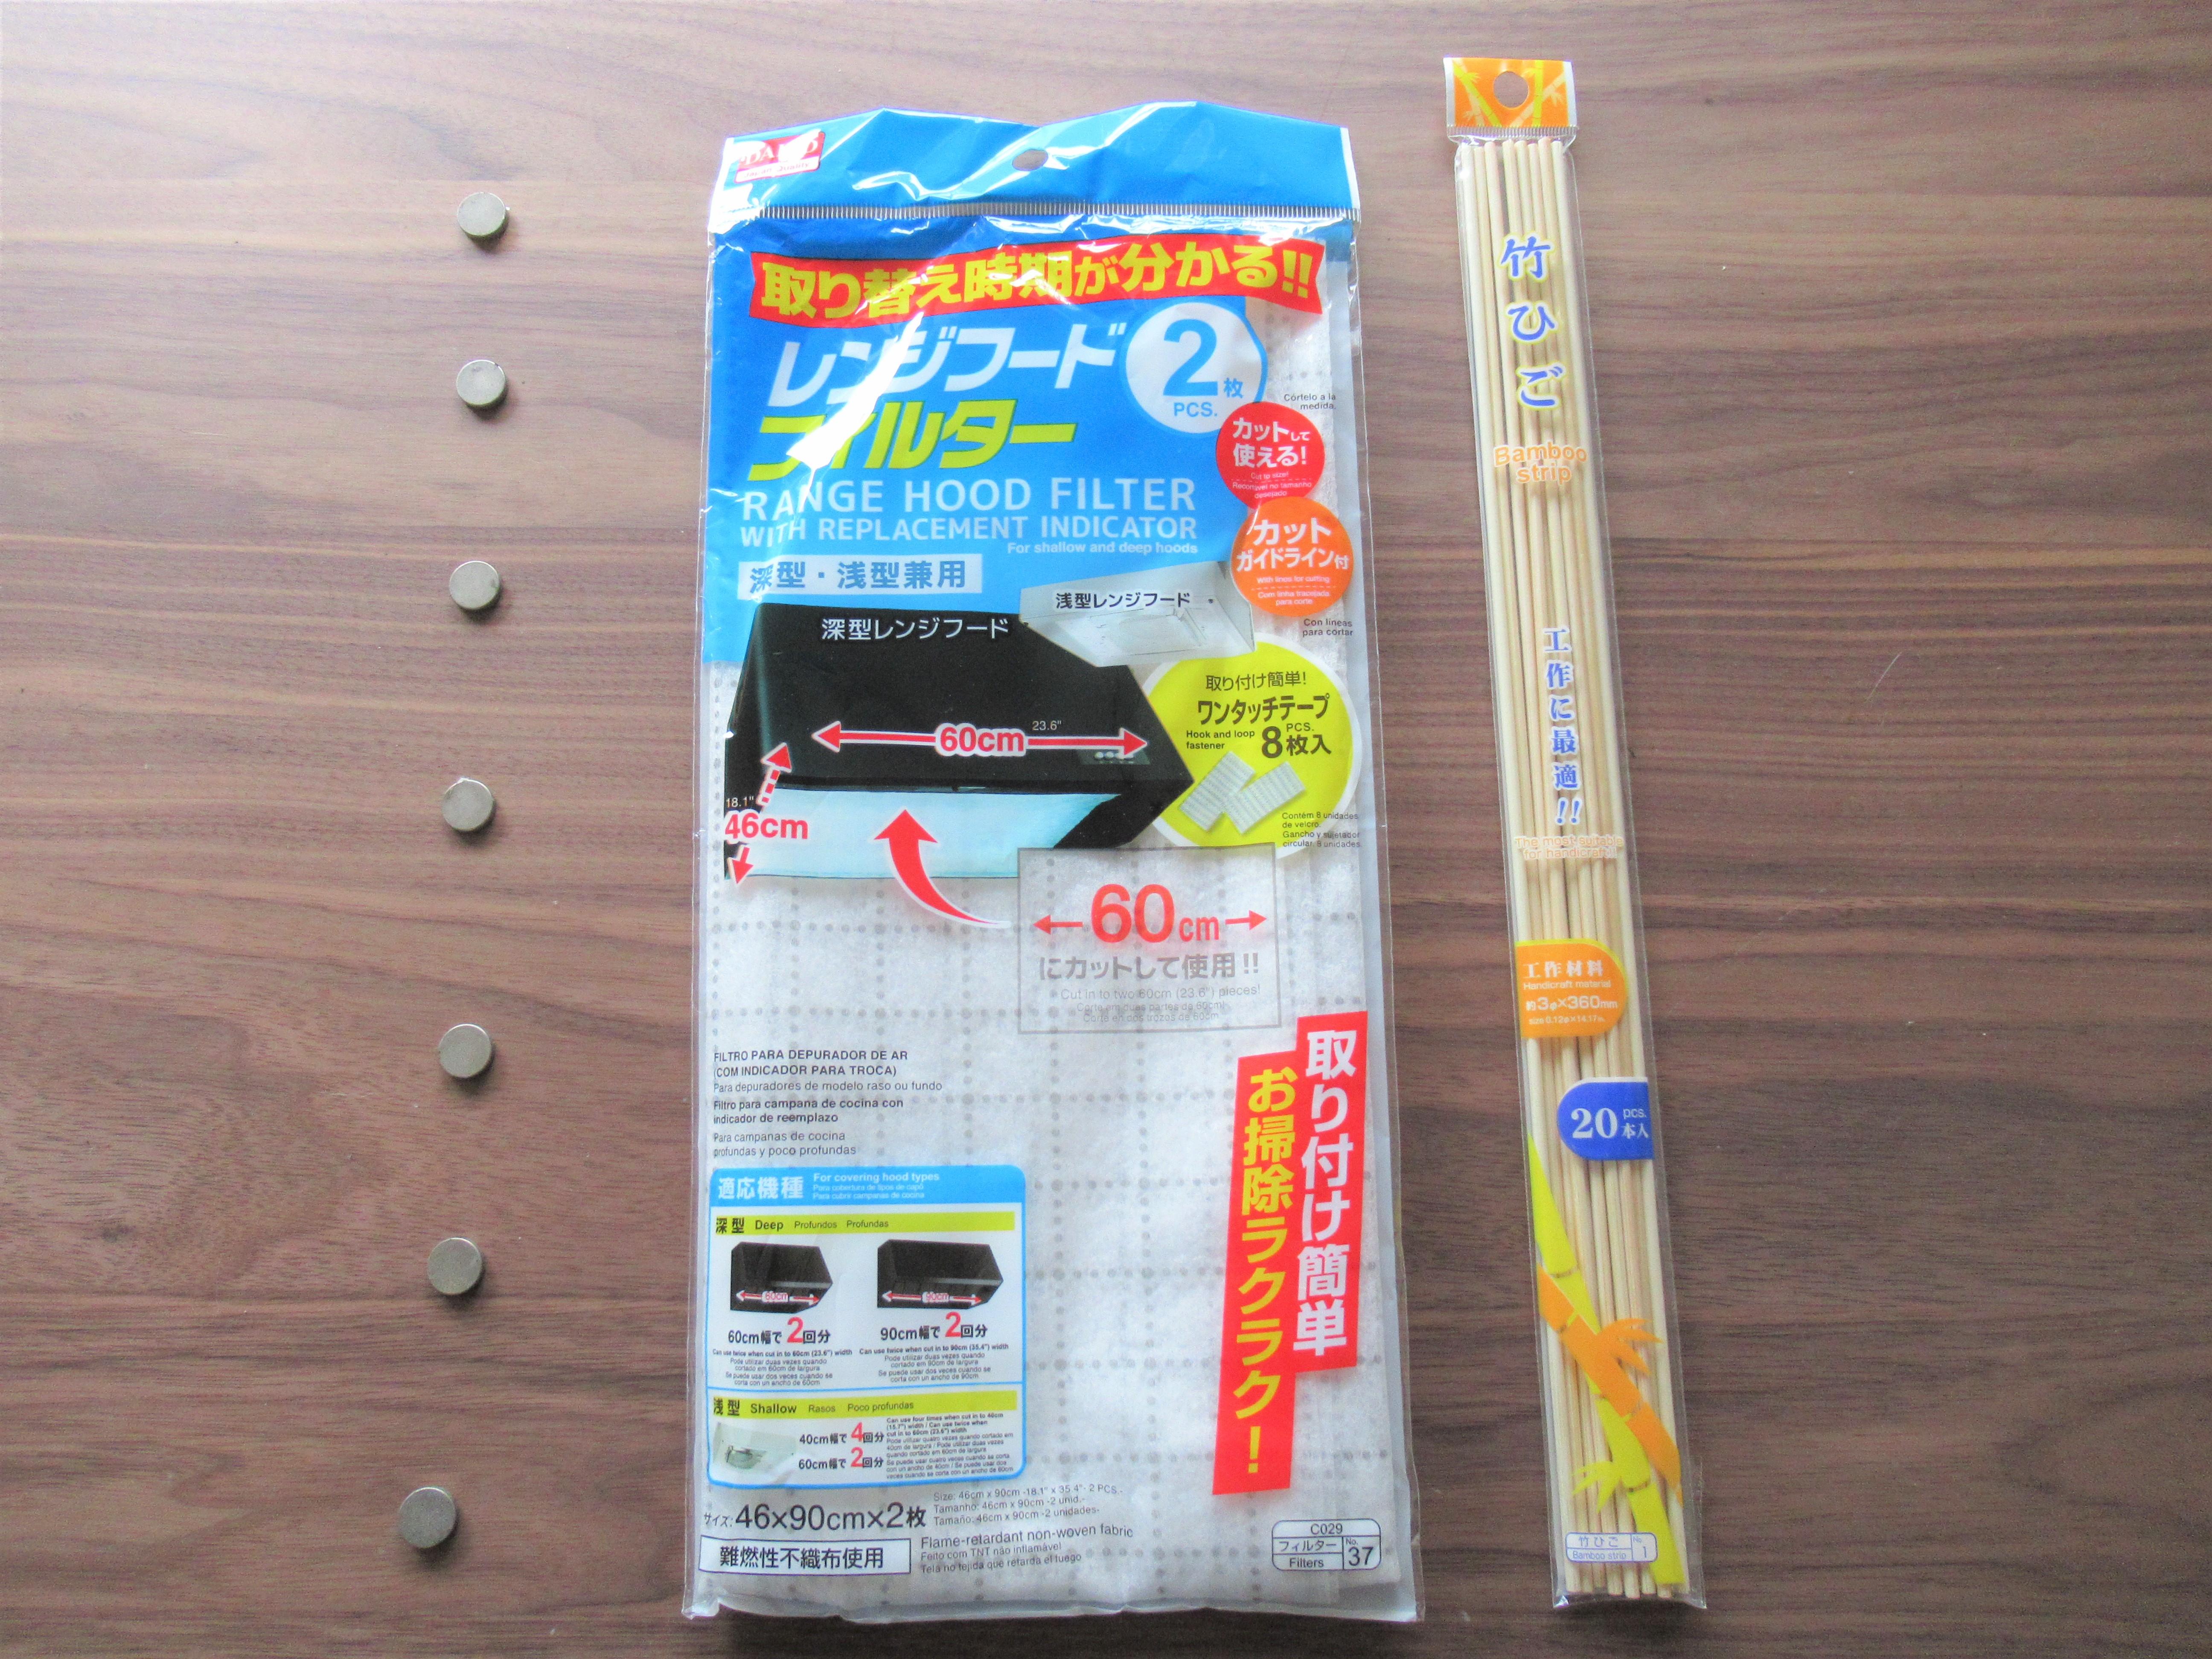 大掃除|100均グッズでレンジフードの掃除を減らせる簡単なフィルターの付け方